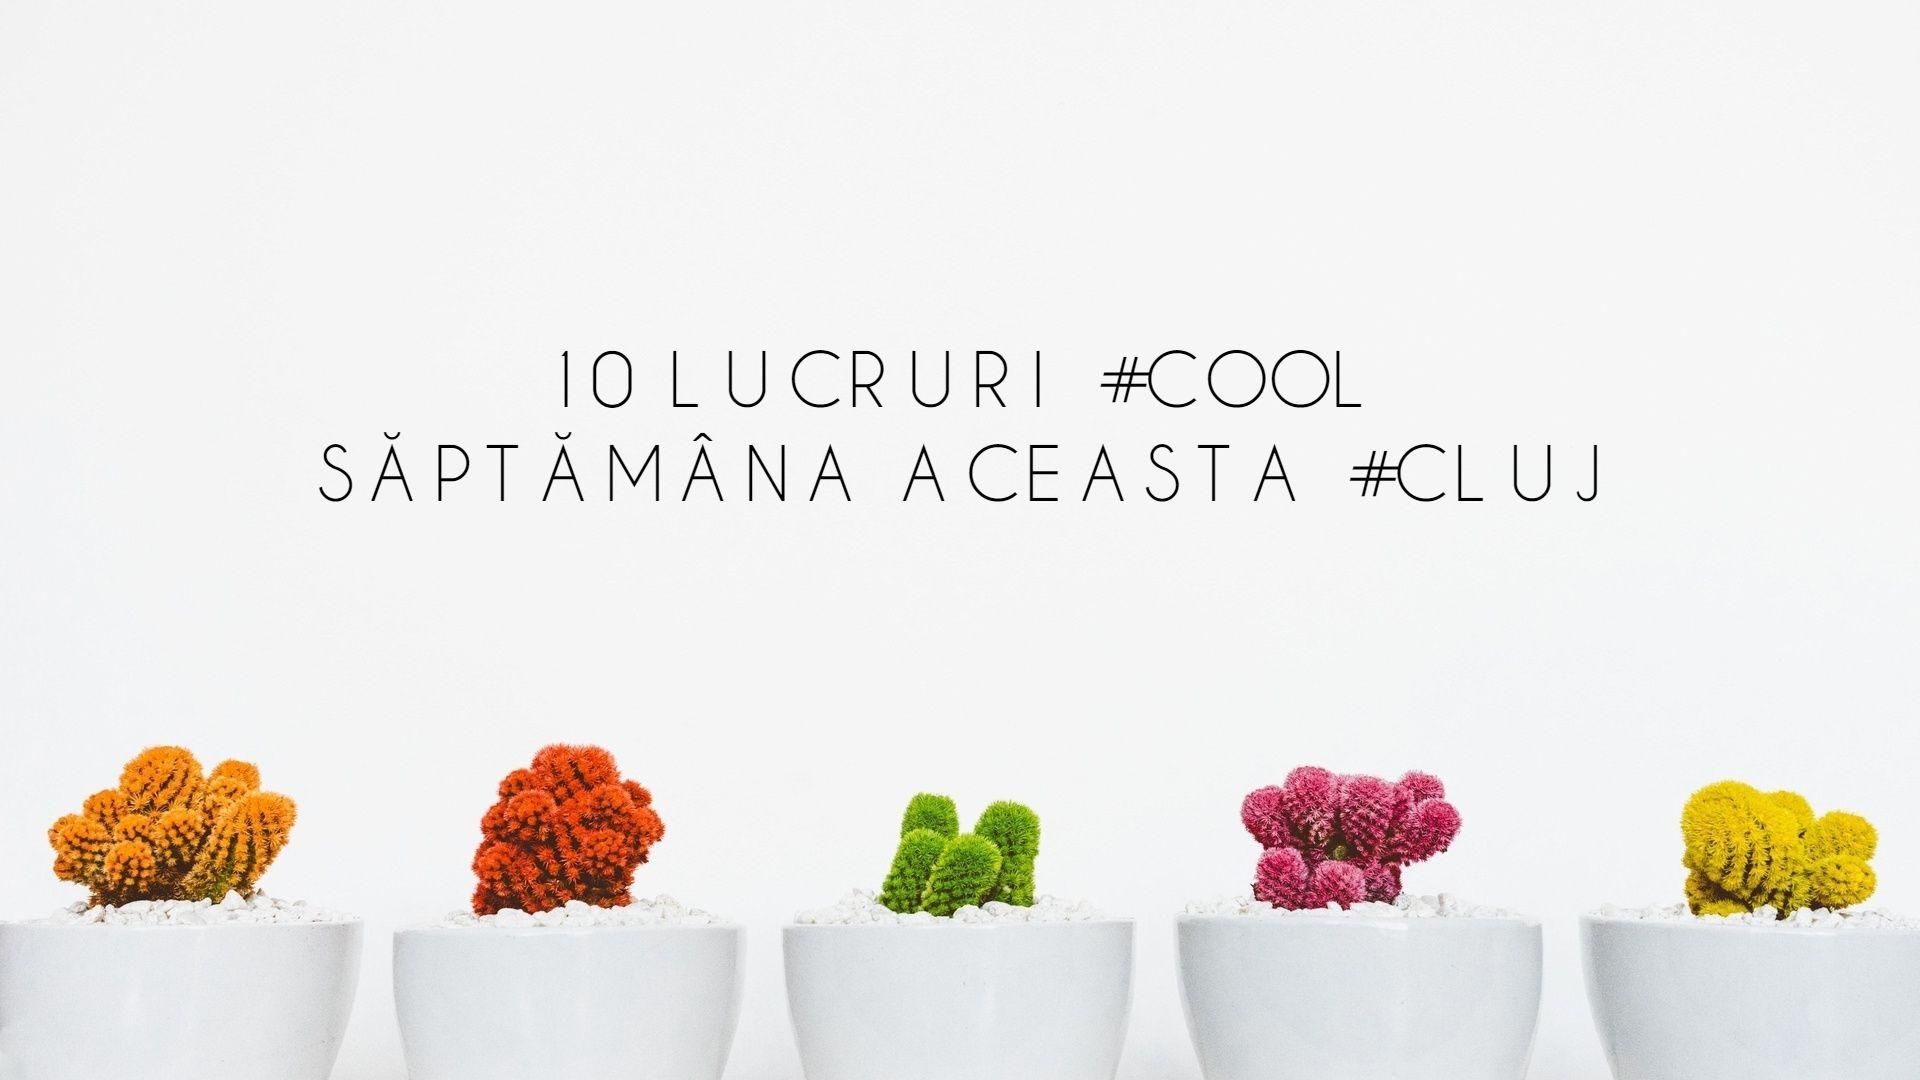 10 lucruri cool care se întâmplă săptămâna aceasta în Cluj